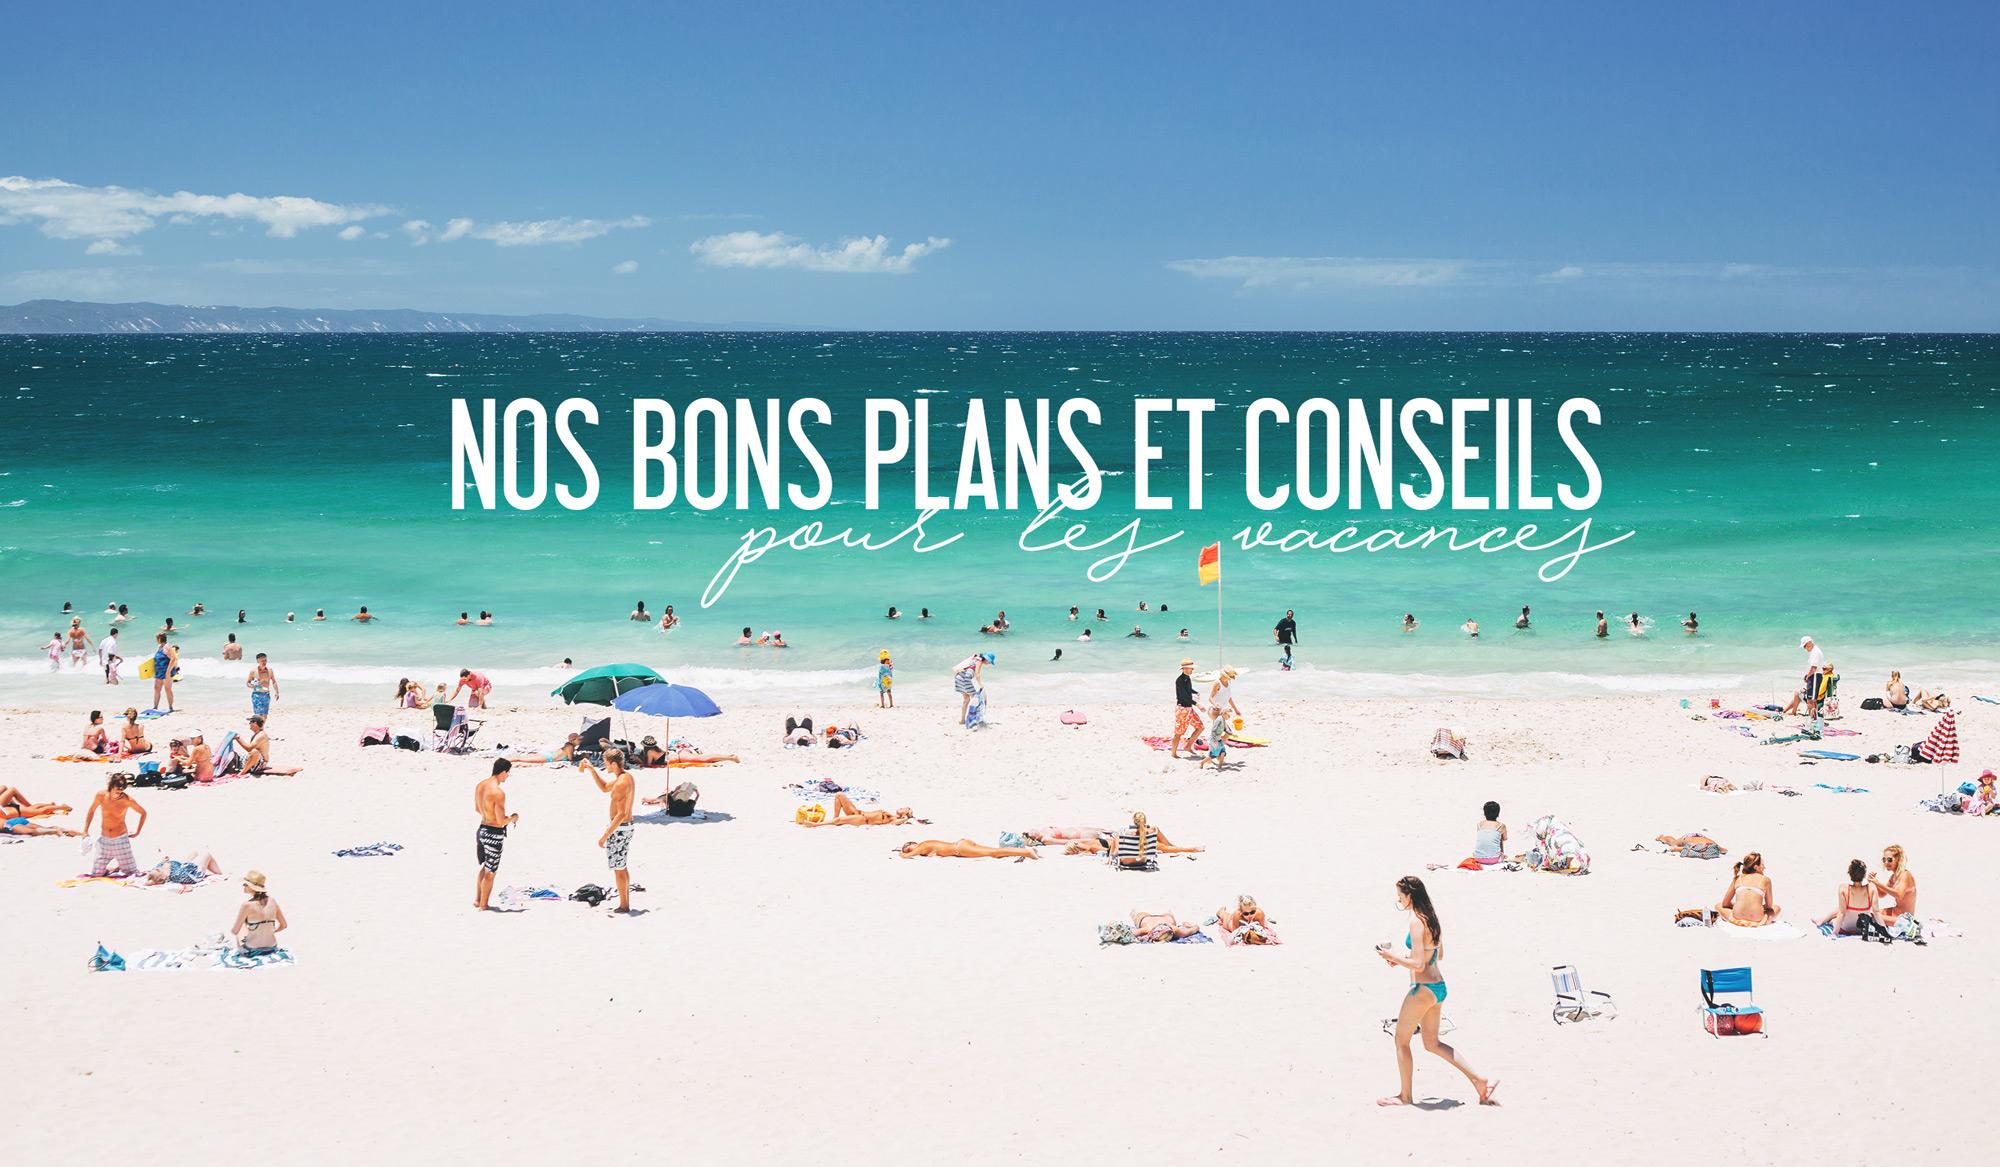 Nos Bons Plans, Conseils & Sites Utiles Pour Vos Voyages destiné Images Bonnes Vacances Gratuites